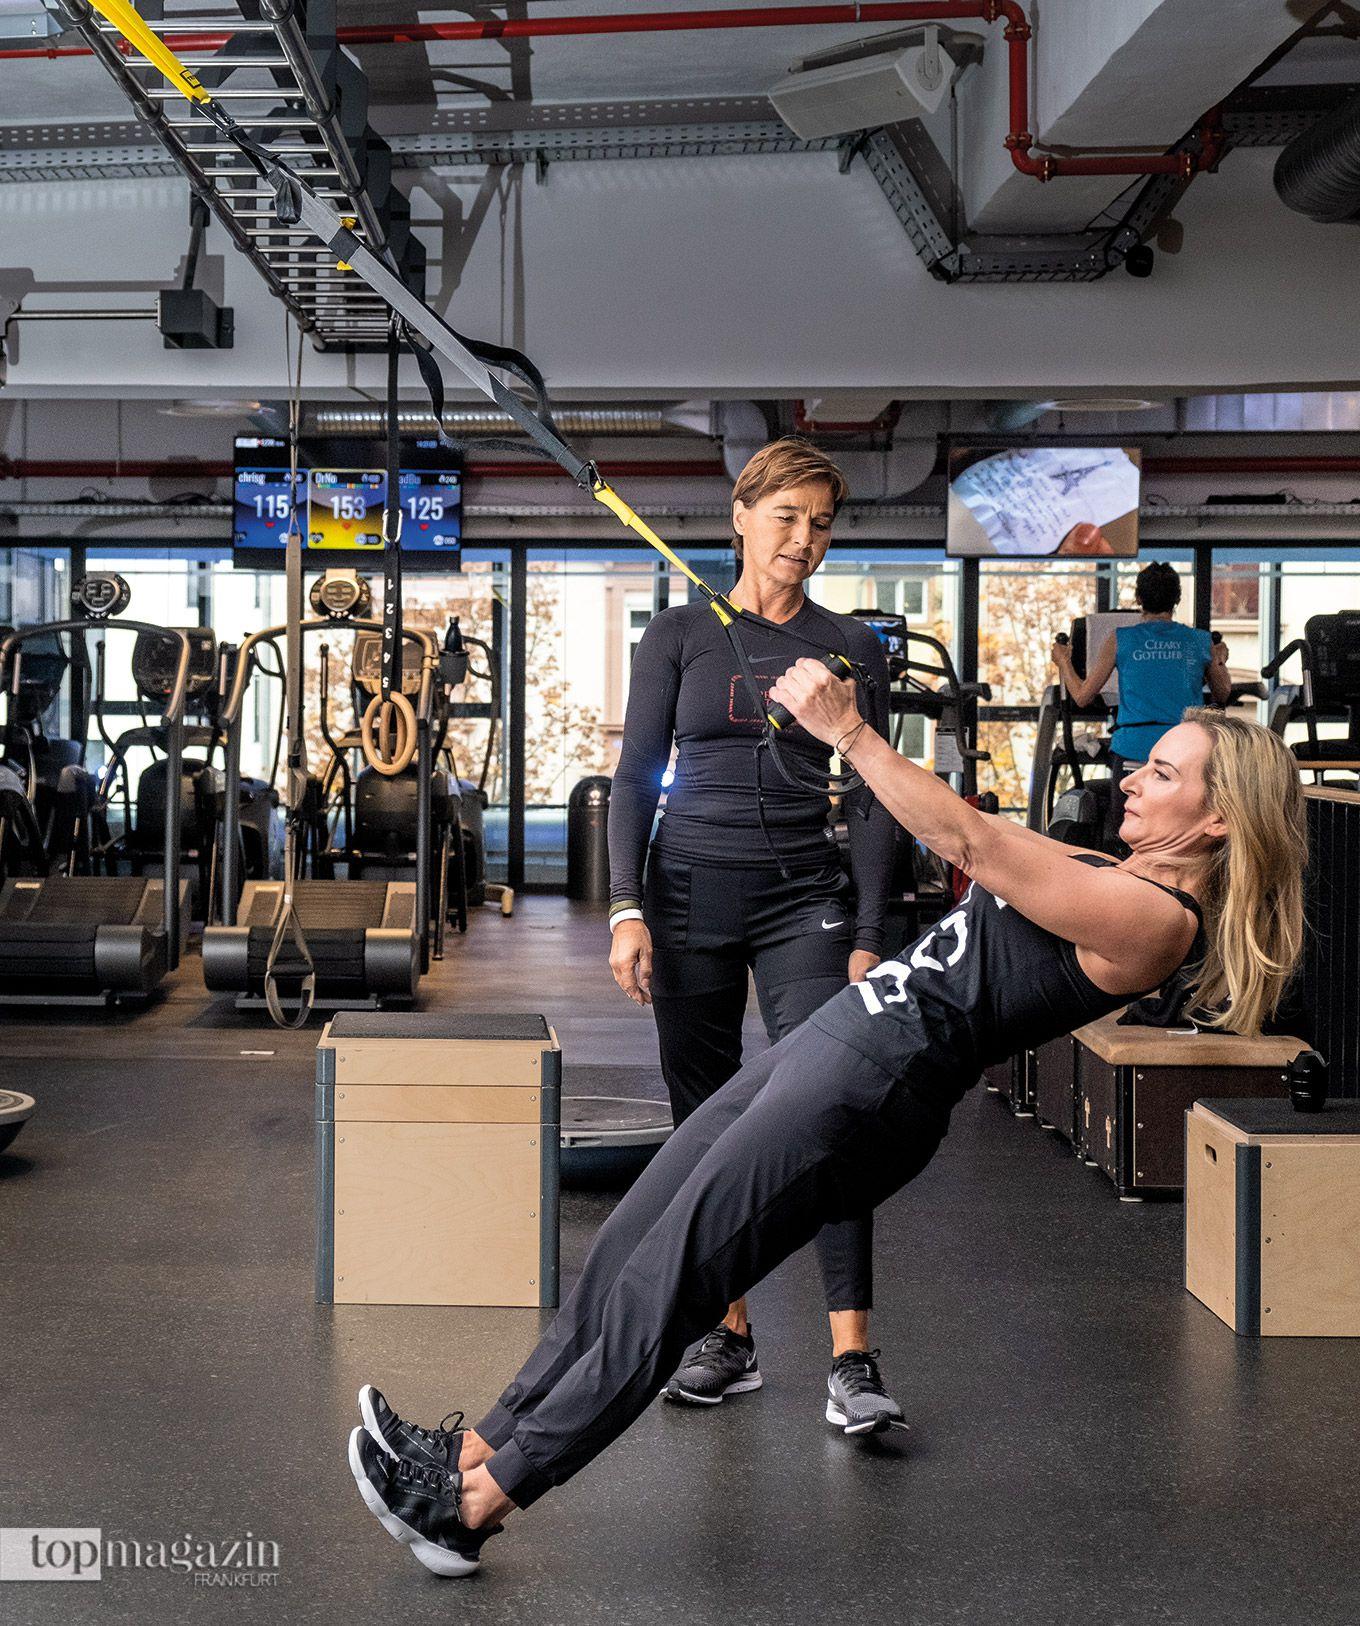 Prime Time Fitness-Trainer geben Anweisungen, um die Übungen effektiv auszuführen